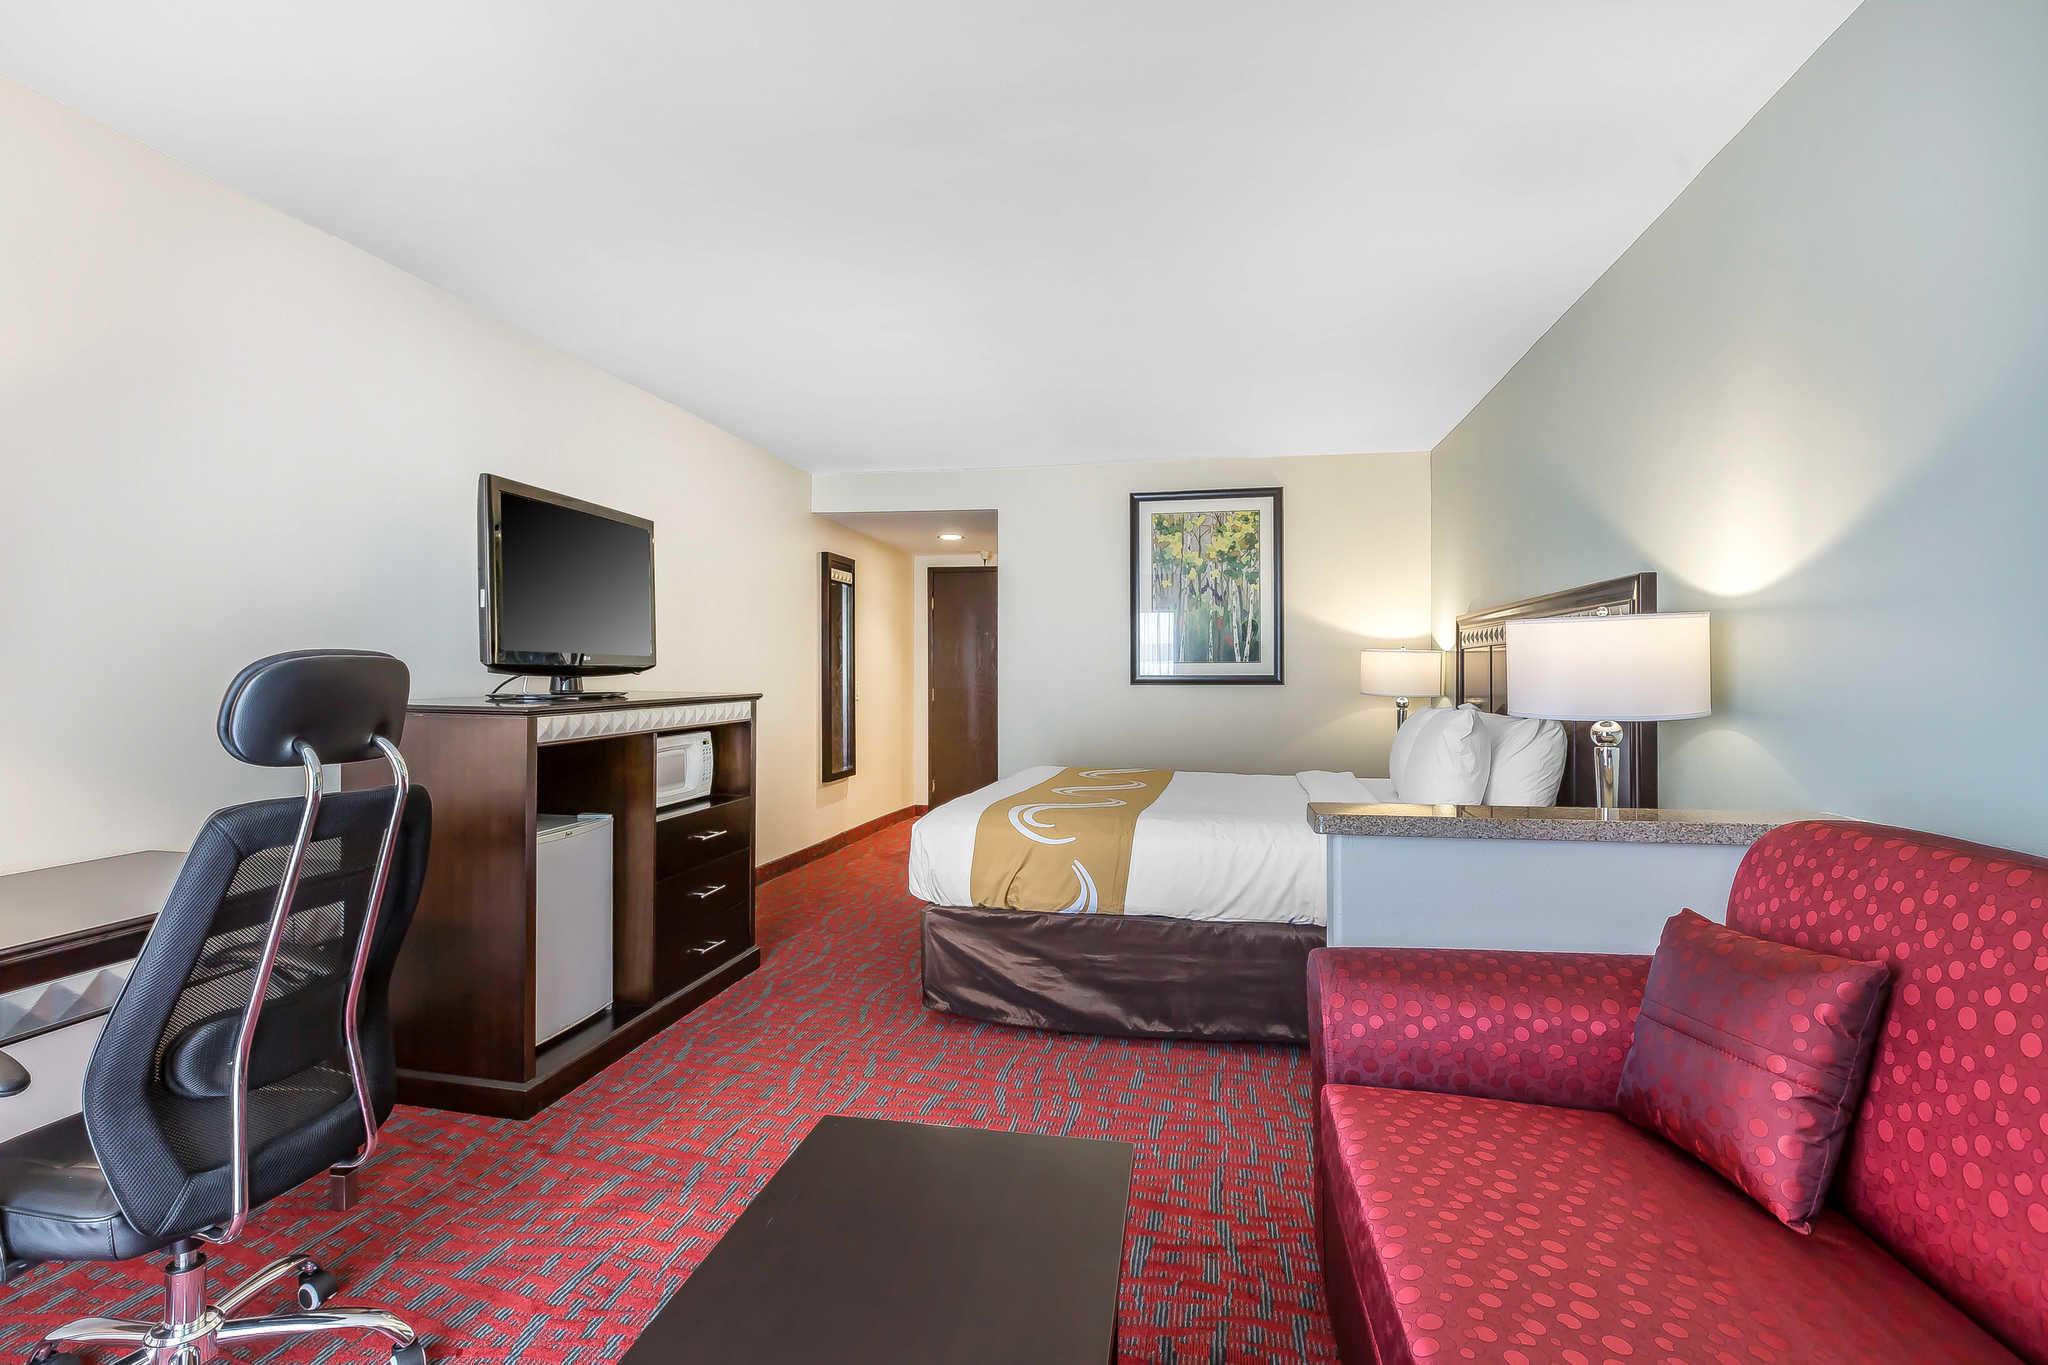 Quality Inn & Suites Irvine Spectrum image 37